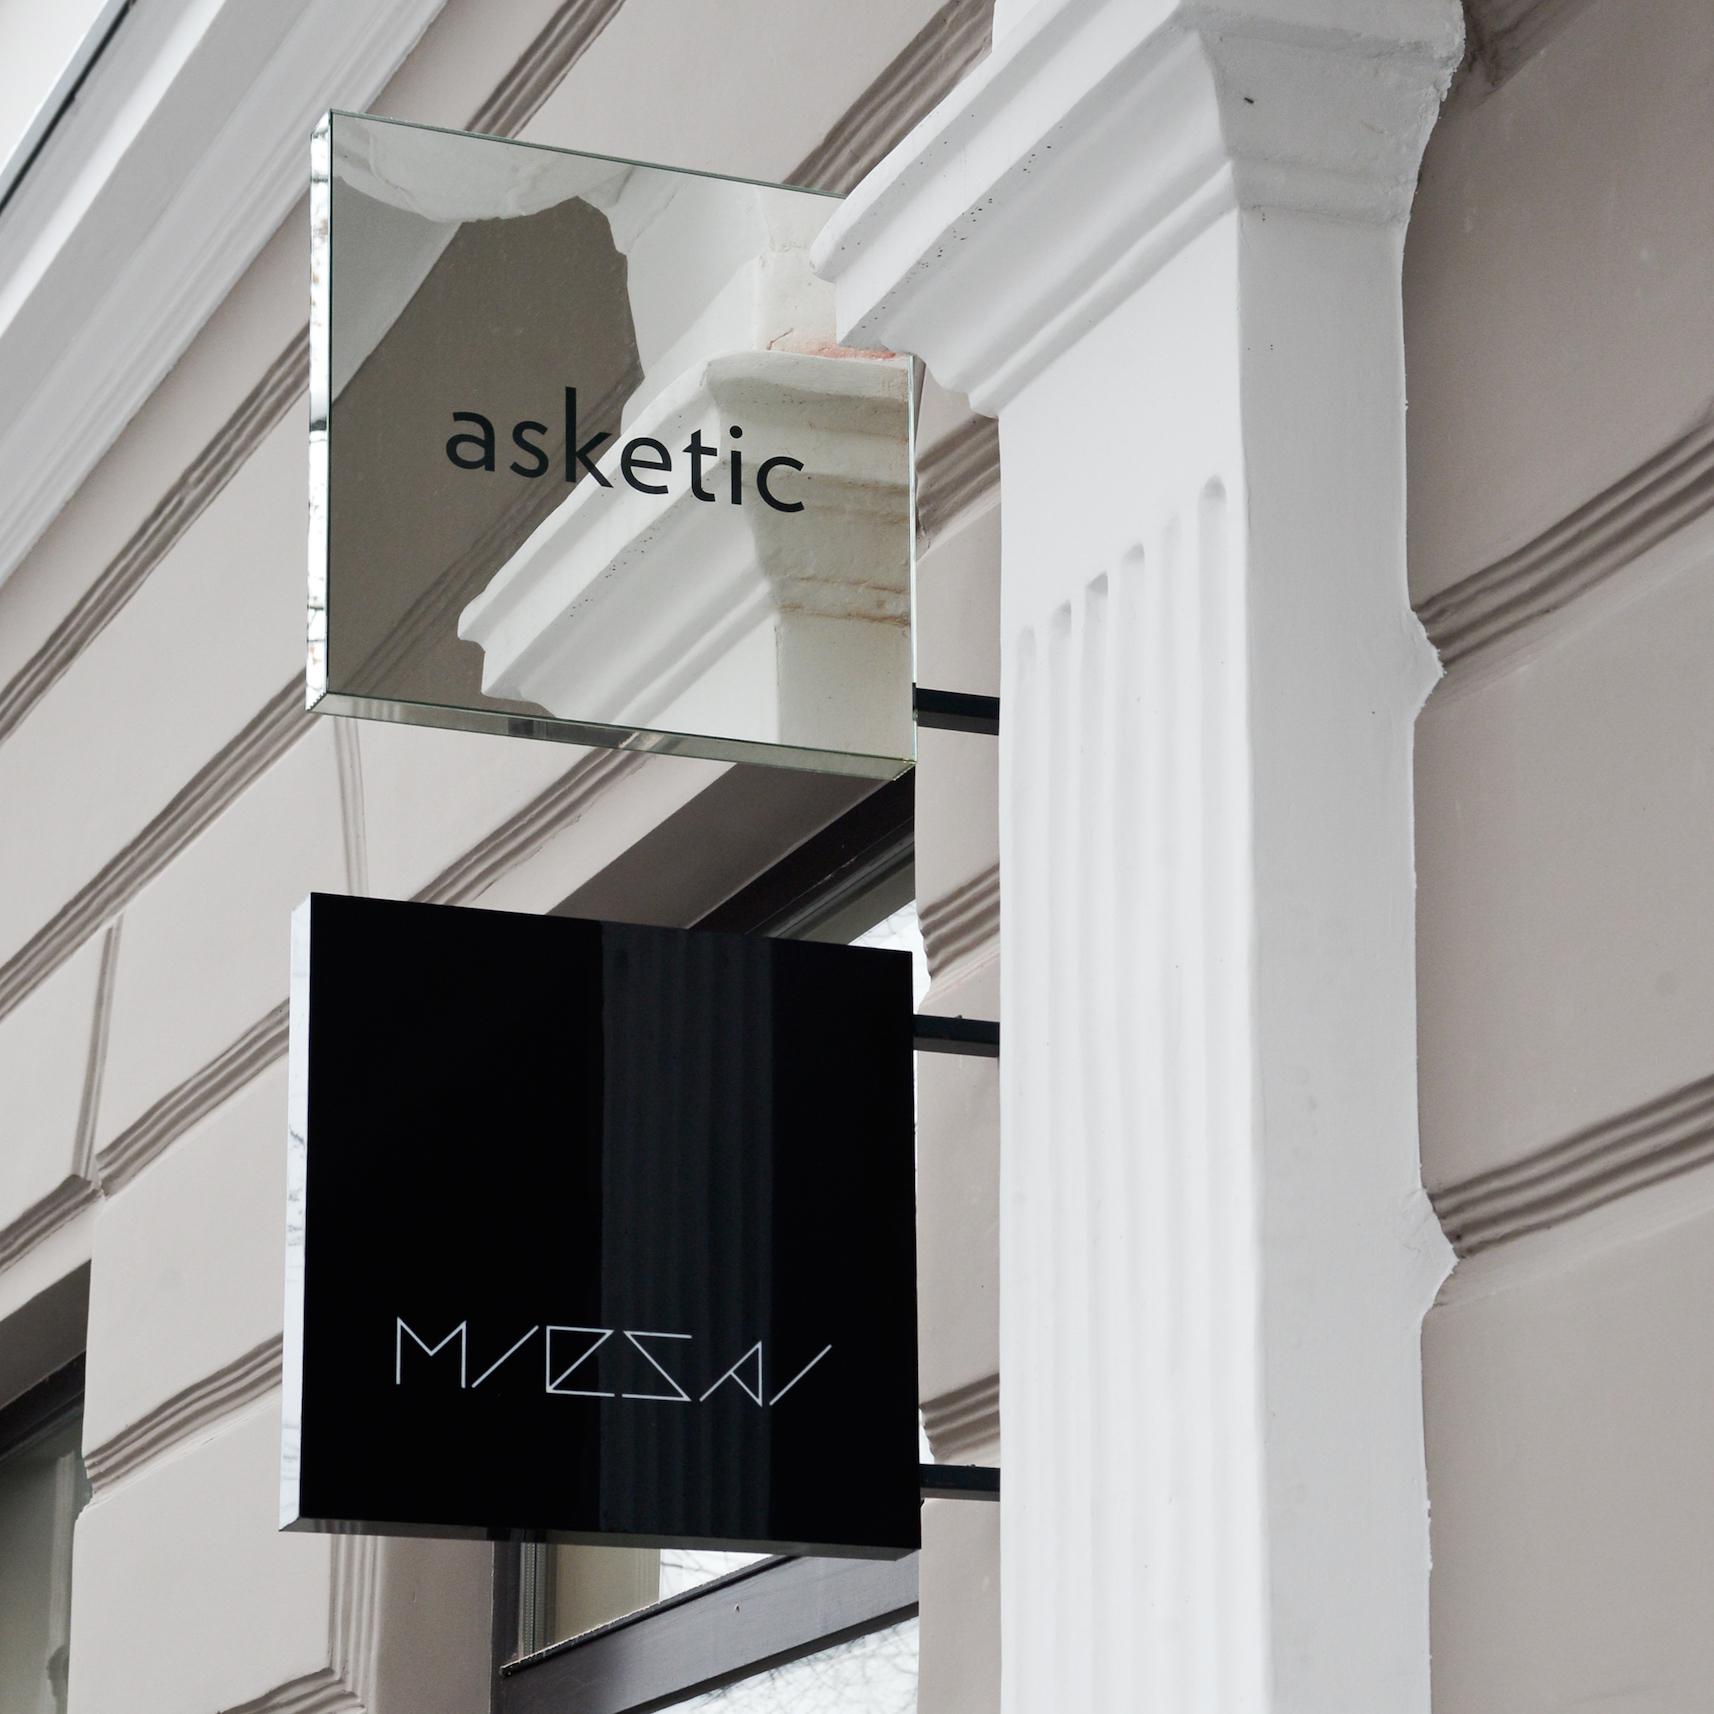 miesai-fasade-instagram-2-2